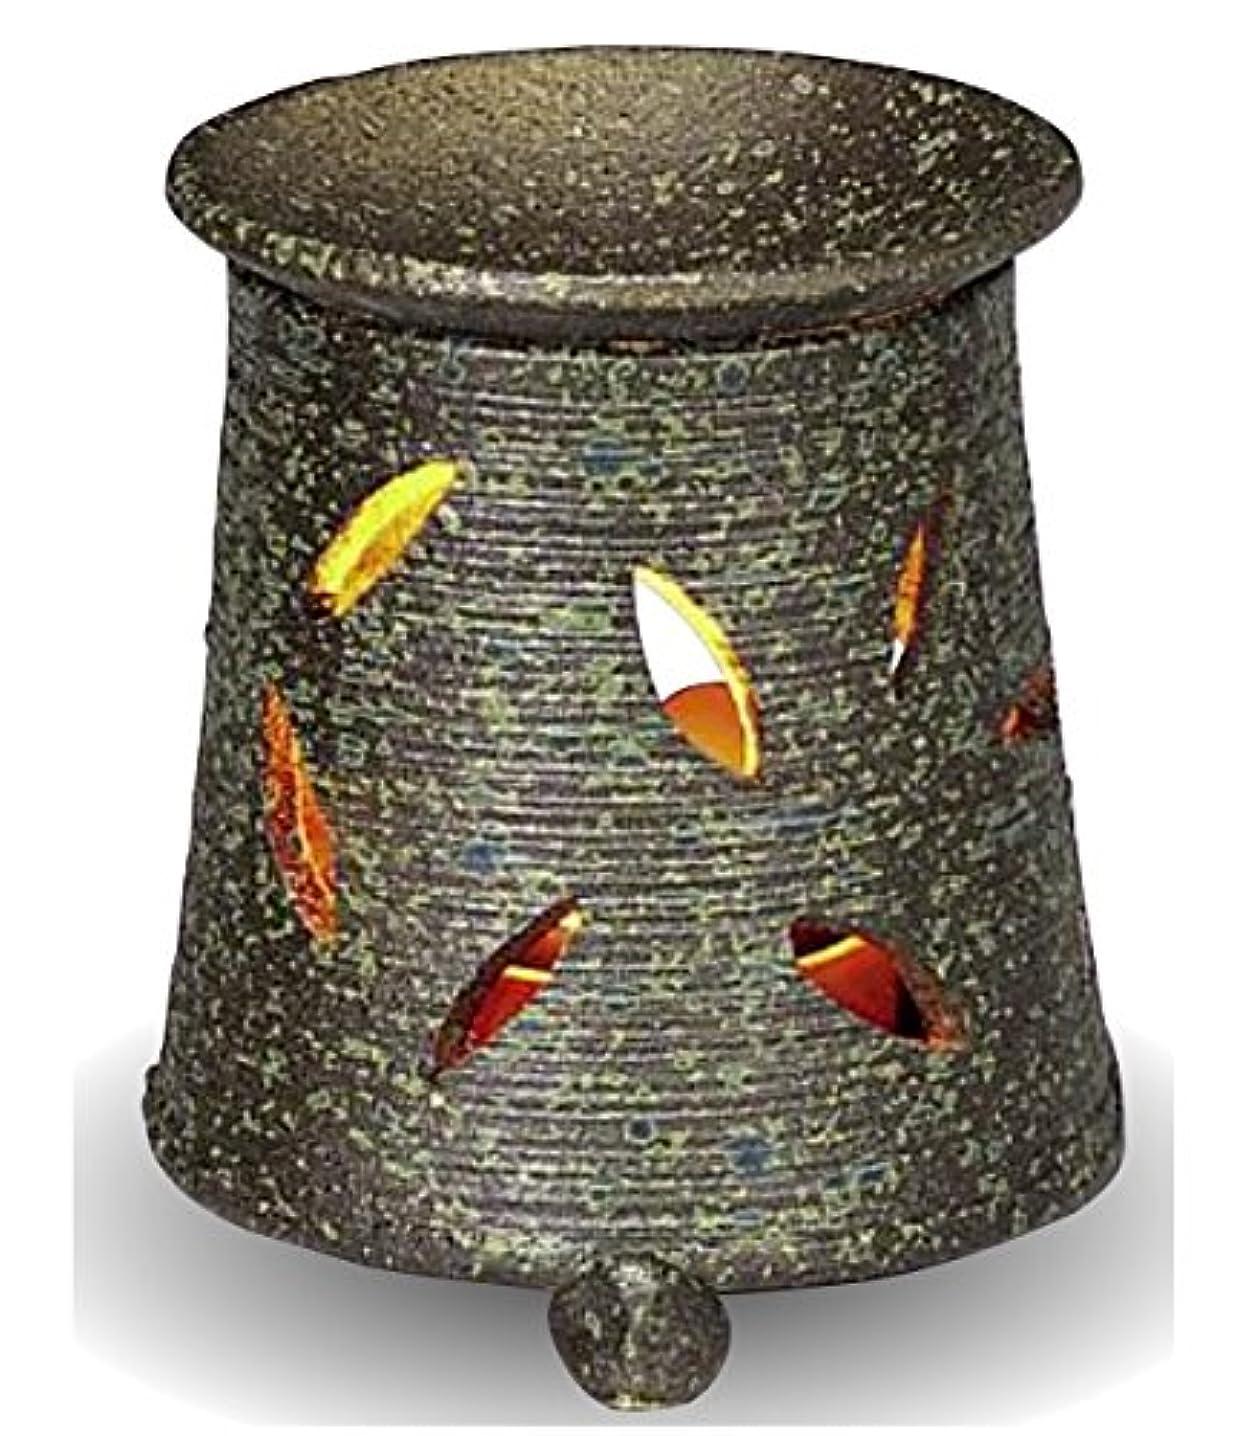 リッチ回る続ける常滑焼 茶香炉(アロマポット)径9.5×高さ10.5cm